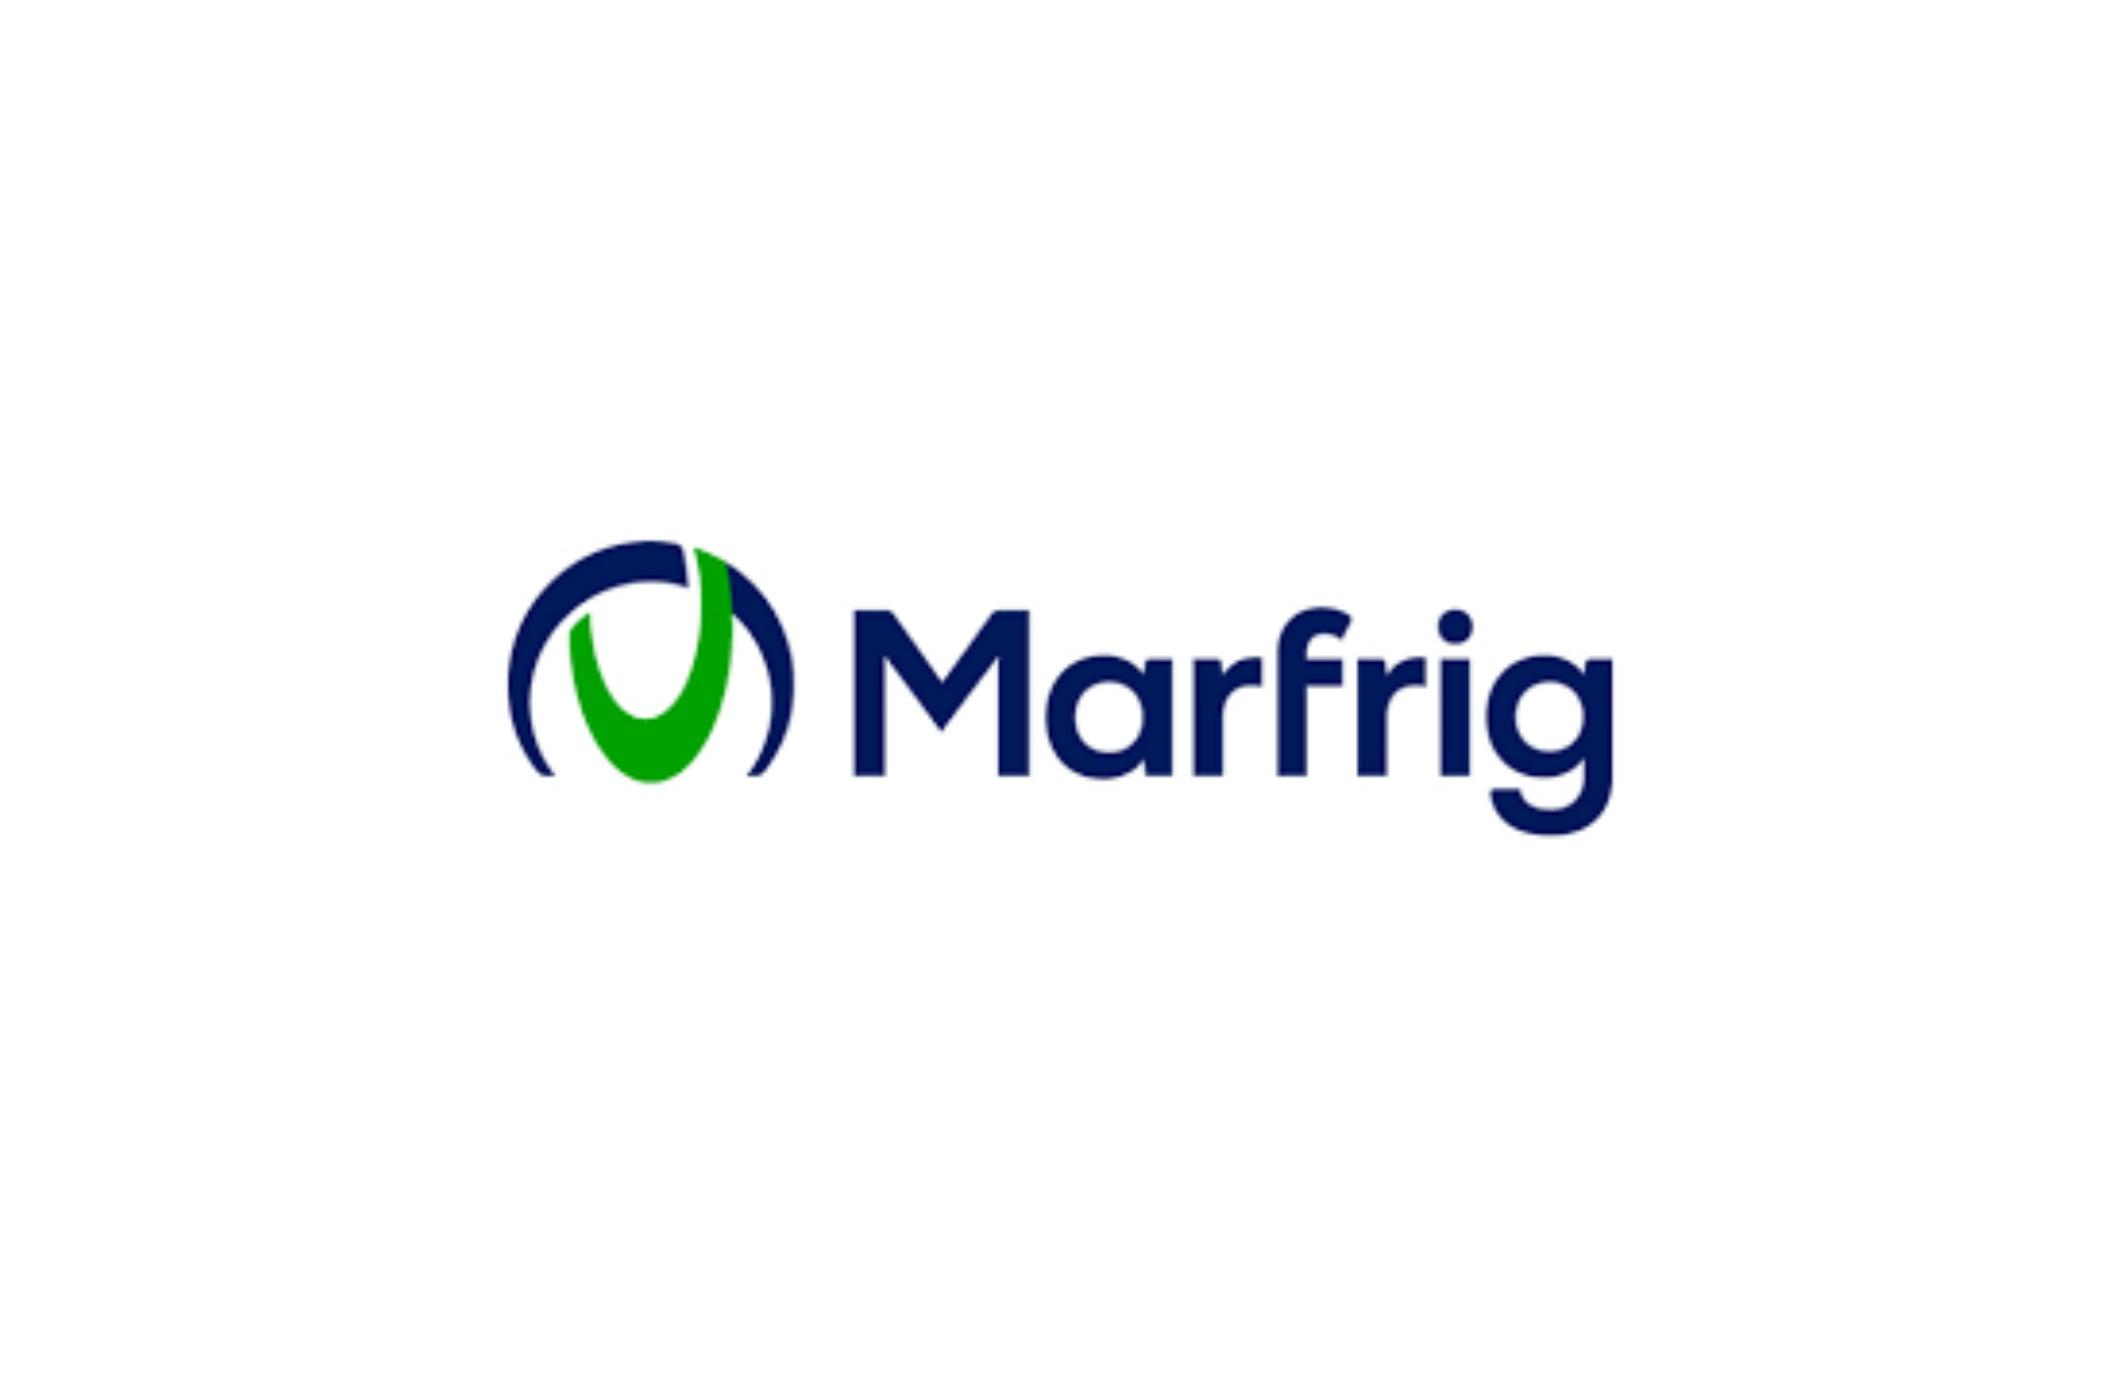 Telefone da Marfrig - Número 0800 - Atendimento